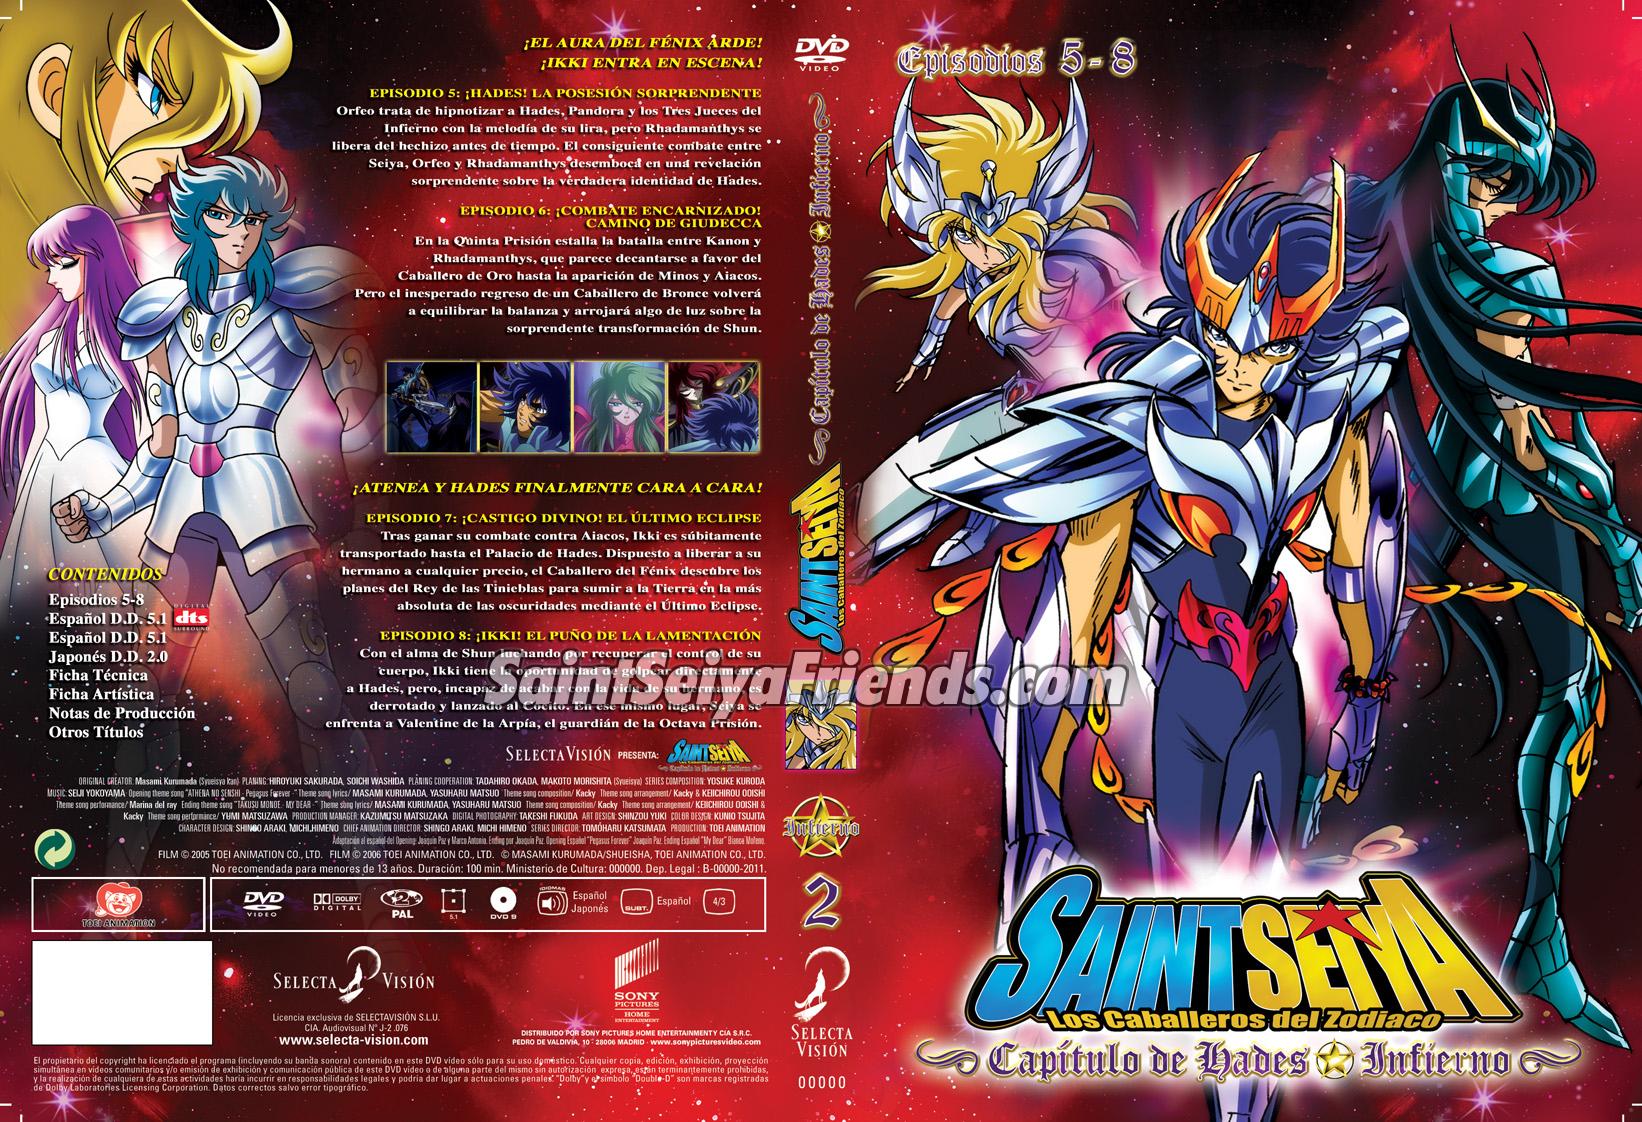 Covers de manga, anime y otros 6153841838_f70b17fd53_o